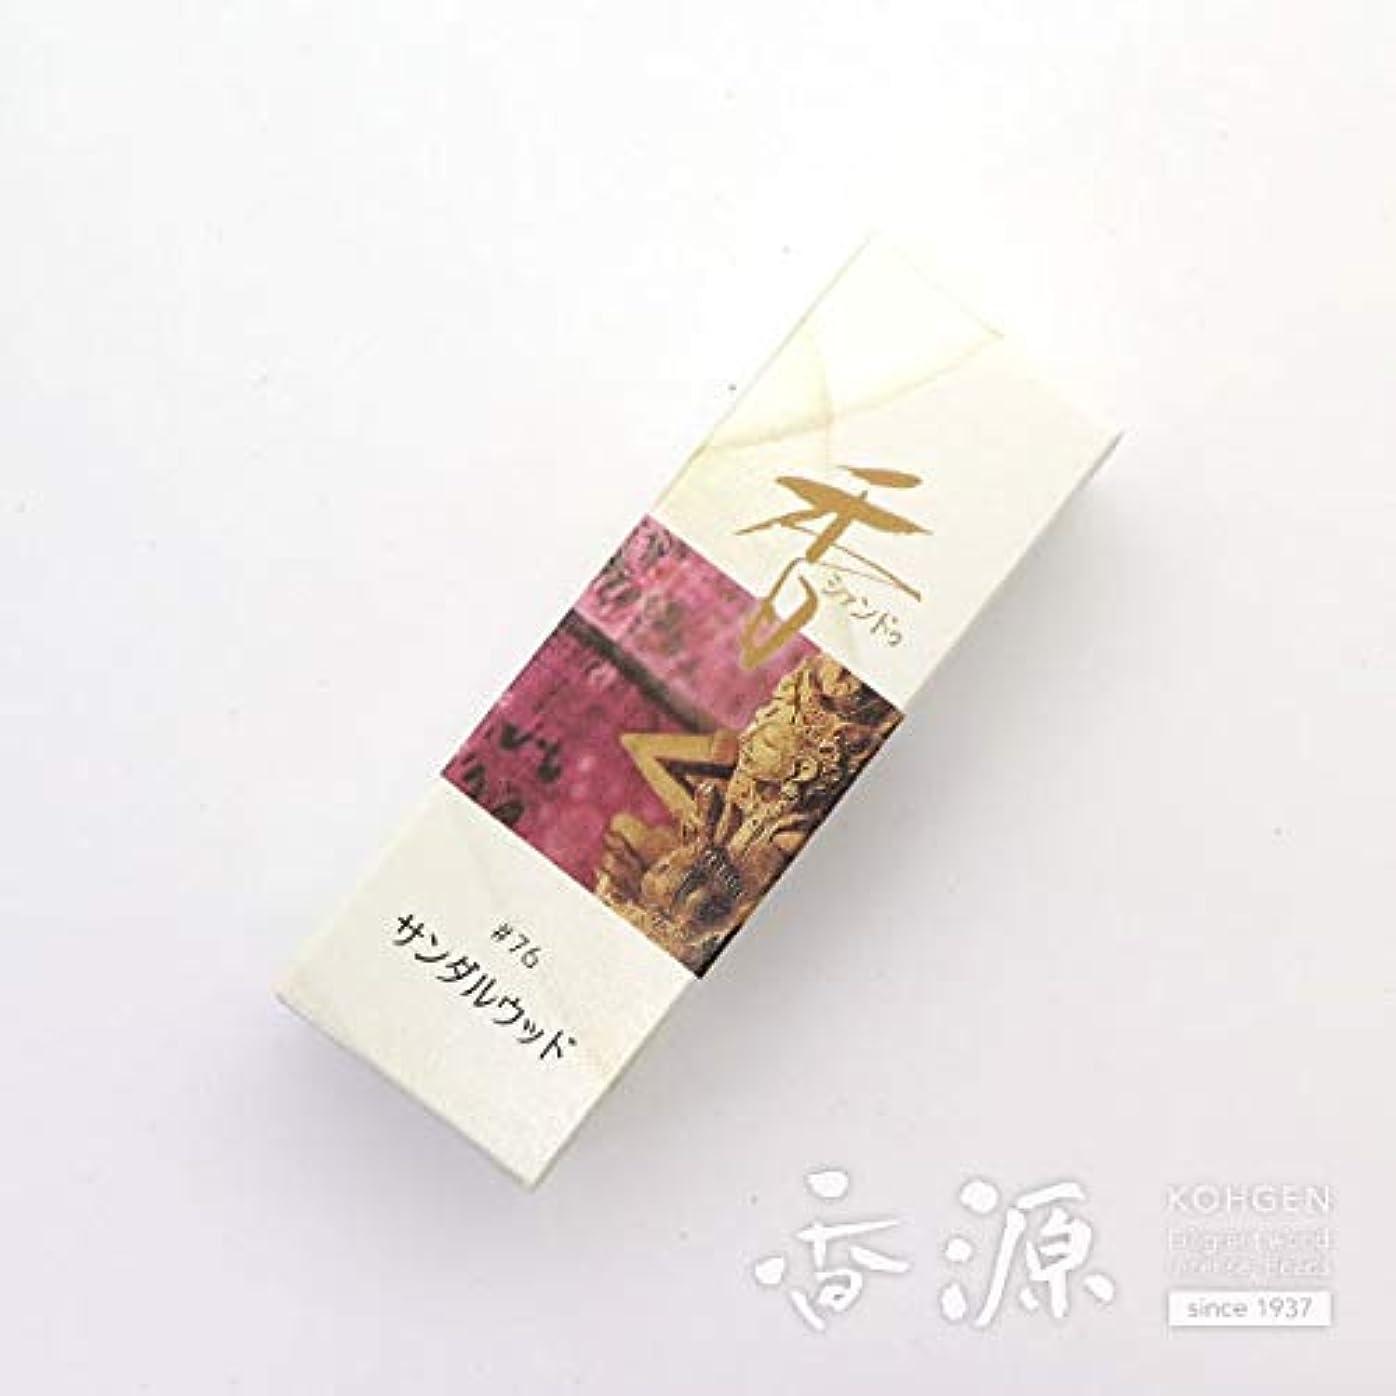 オデュッセウス五十妨げる松栄堂のお香 Xiang Do サンダルウッド ST20本入 簡易香立付 #214276